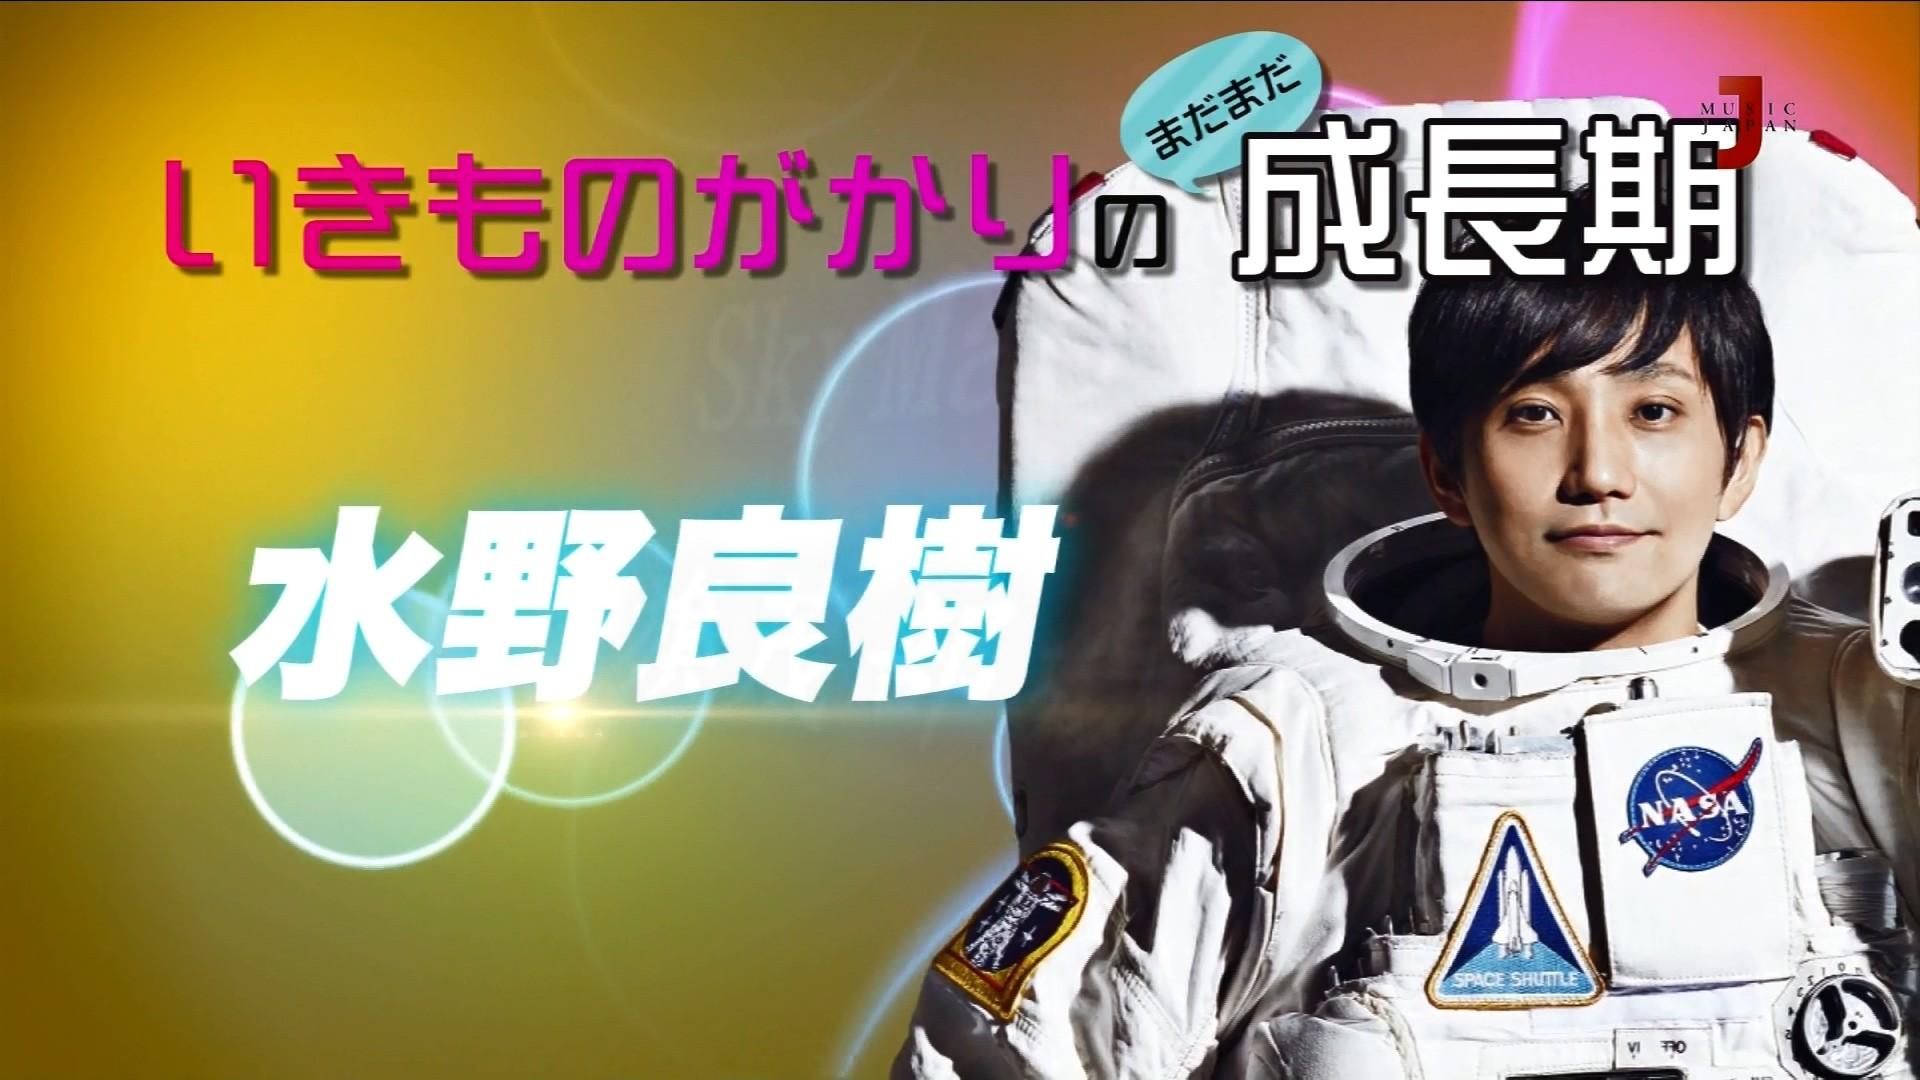 2016.05.07 いきものがかり スペシャル(MJTV).ts_20160507_192739.891